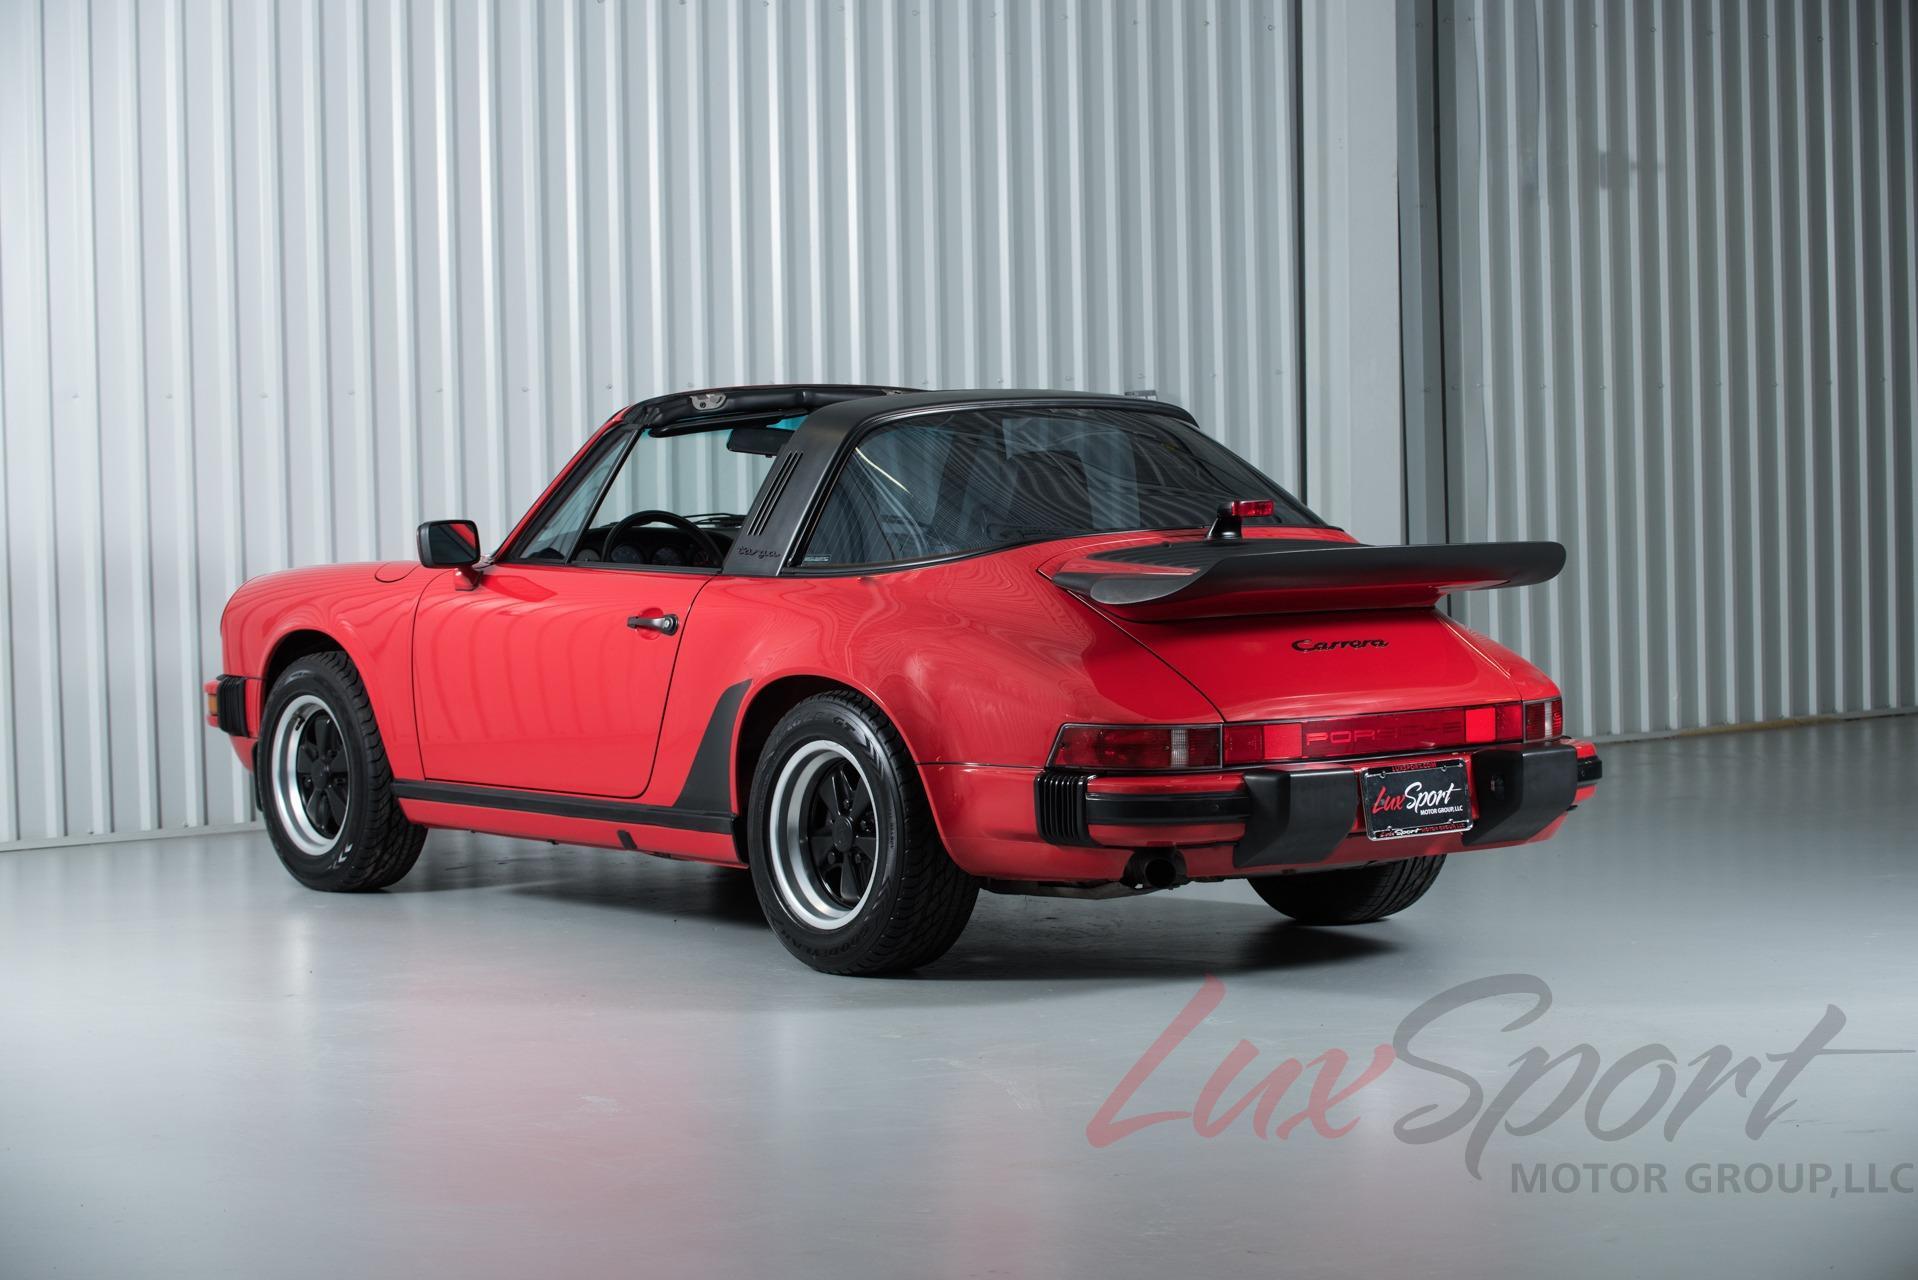 1987 porsche 911 carrera targa carrera stock 1987150a. Black Bedroom Furniture Sets. Home Design Ideas